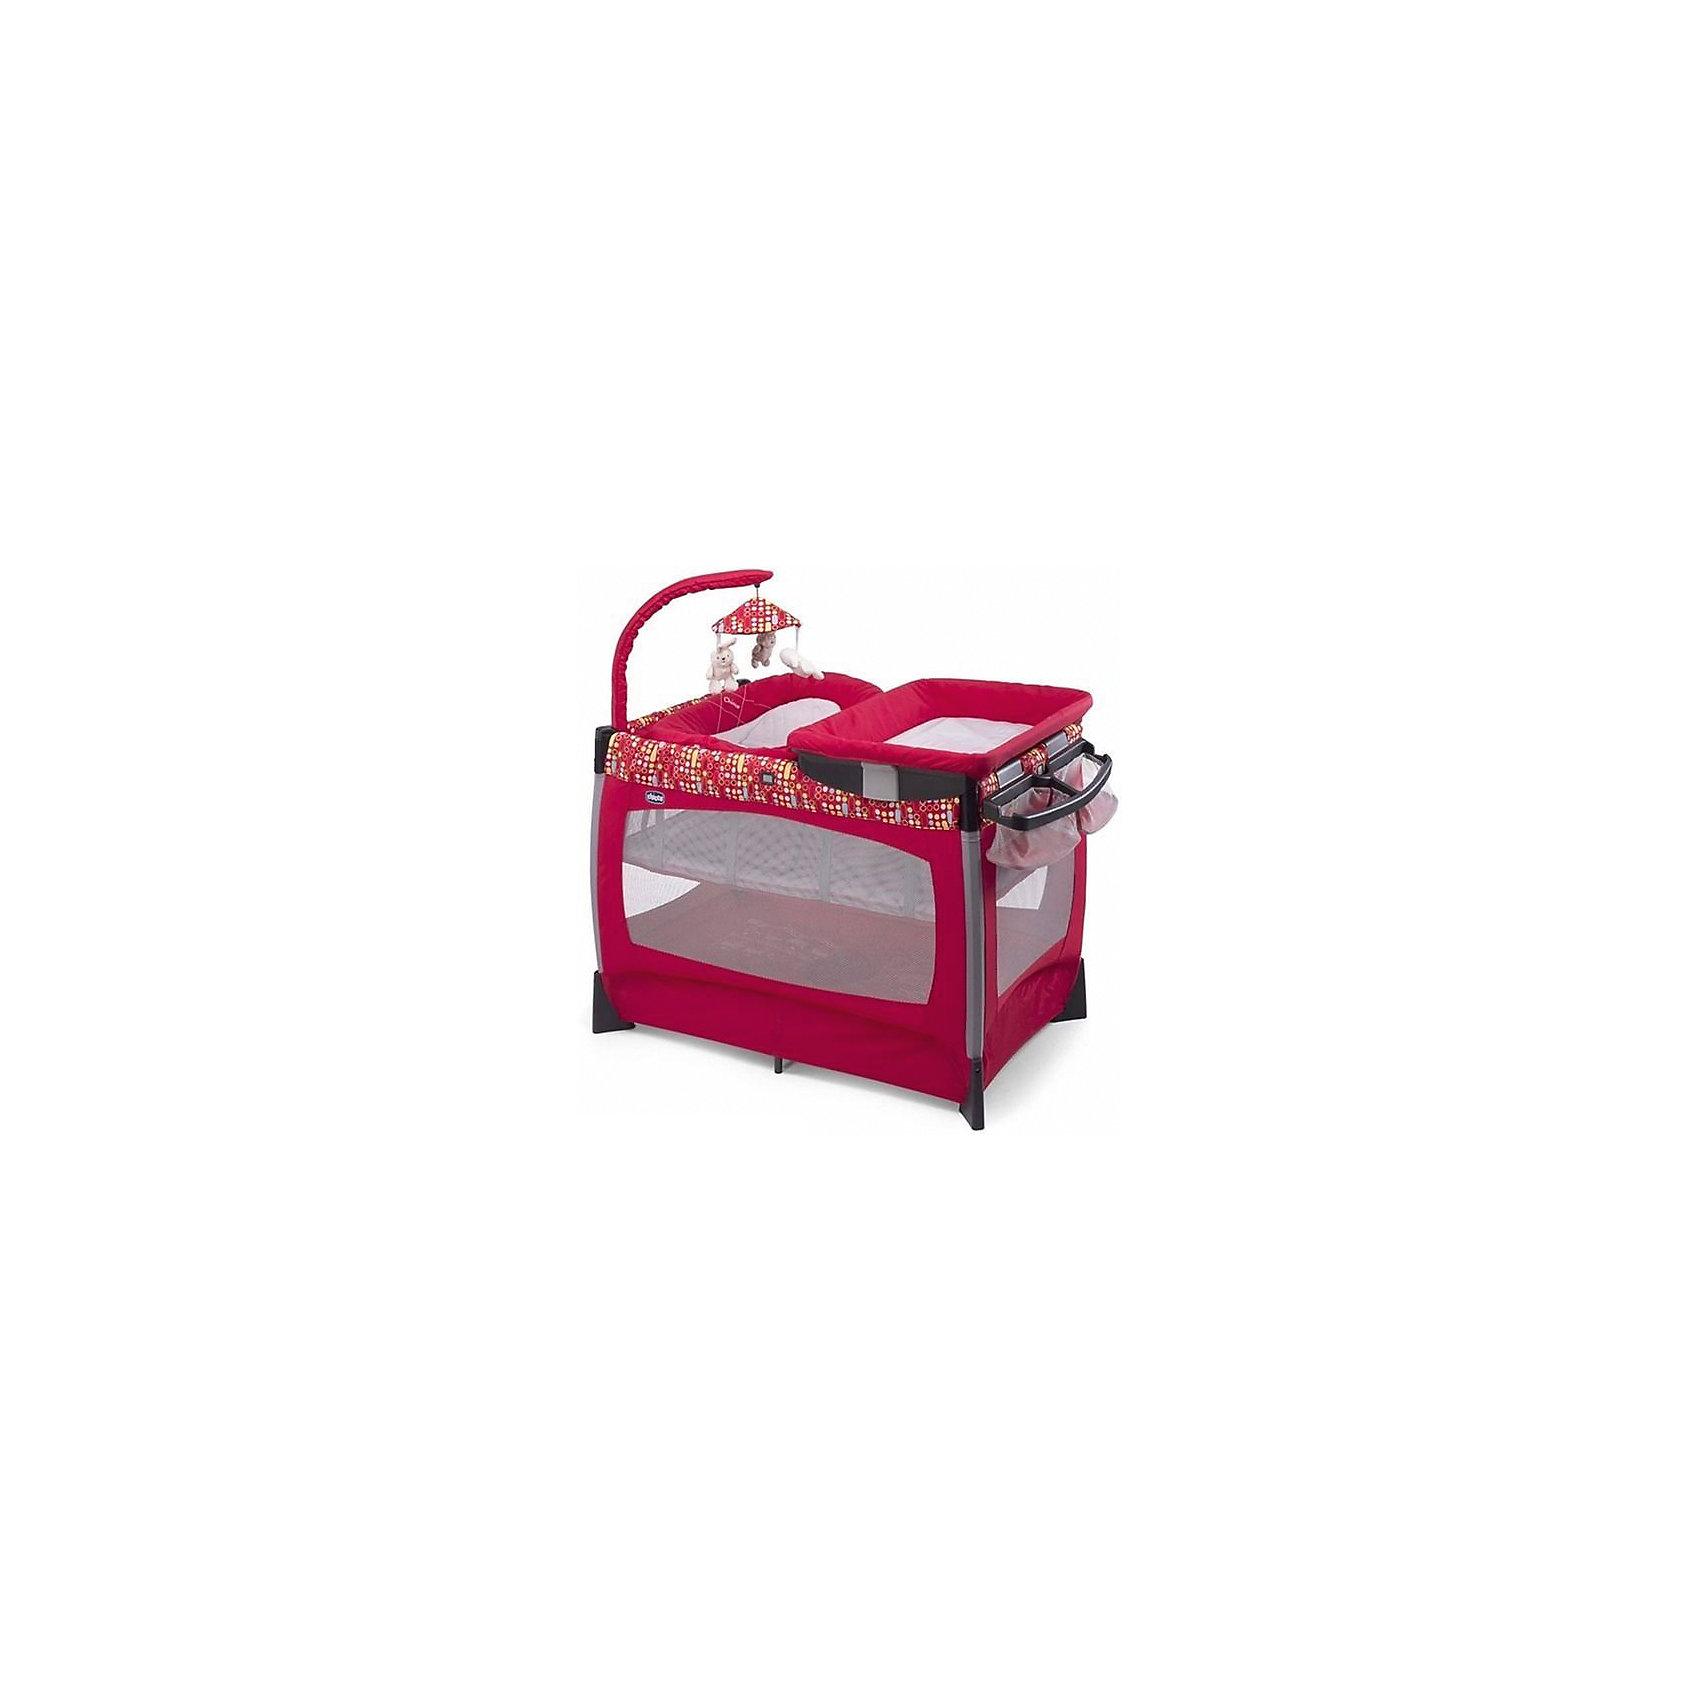 Кровать-манеж LULLABY, CHICCO, raceКровать-манеж Chicco Lullaby-  практичная, удобная и комфортная, легко собирается и разбирается. Включает в себя различные аксессуары для ухода за малышом, а очаровательные подвесные игрушки обязательно привлекут внимание ребёнка и развлекут его!<br>При необходимости манеж можно взять с собой, для этого в комплект входит сумка для переноски. Также в комплект входит матрасик, органайзер и пеленальная доска. Кровать-манеж Chicco Lullaby - создана специально  для безопасного и спокойного сна.<br><br>Особенности:<br>- В комплект входит ряд аксессуаров для сна, игры, пеленания и отдыха.<br>- Возрастная группа: от рождения до 3 лет.<br>- Легкая удобная система складывания<br>- Жесткое днище.<br>- Двойная система защиты, предотвращающая случайное складывание.<br>- Сетчатые стенки манежа для свободной циркуляции воздуха.<br>- Съемный матрасик с карманами для фанерных досок.<br>- Навесная колыбель от 0 до 6 месяцев (весом до 8 кг.)<br>- Рама с 3 съемными мягкими игрушками.<br>- Электронная система для убаюкивания малыша на ДУ.<br>- Компактная сумка для хранения и перевозки кроватки.<br><br>Дополнительная информация:<br><br>- Цвет: Race.<br>- Размер: 106х83х71 см.<br>- Размер упаковки: 105 x 55 x 35 см.<br>- Вес в упаковке: 17 кг. <br><br>Купить кровать-манеж LULLABY CHICCO в цвете  Race, можно в нашем магазине.<br><br>Ширина мм: 356<br>Глубина мм: 260<br>Высота мм: 860<br>Вес г: 17000<br>Возраст от месяцев: 0<br>Возраст до месяцев: 36<br>Пол: Унисекс<br>Возраст: Детский<br>SKU: 4751876